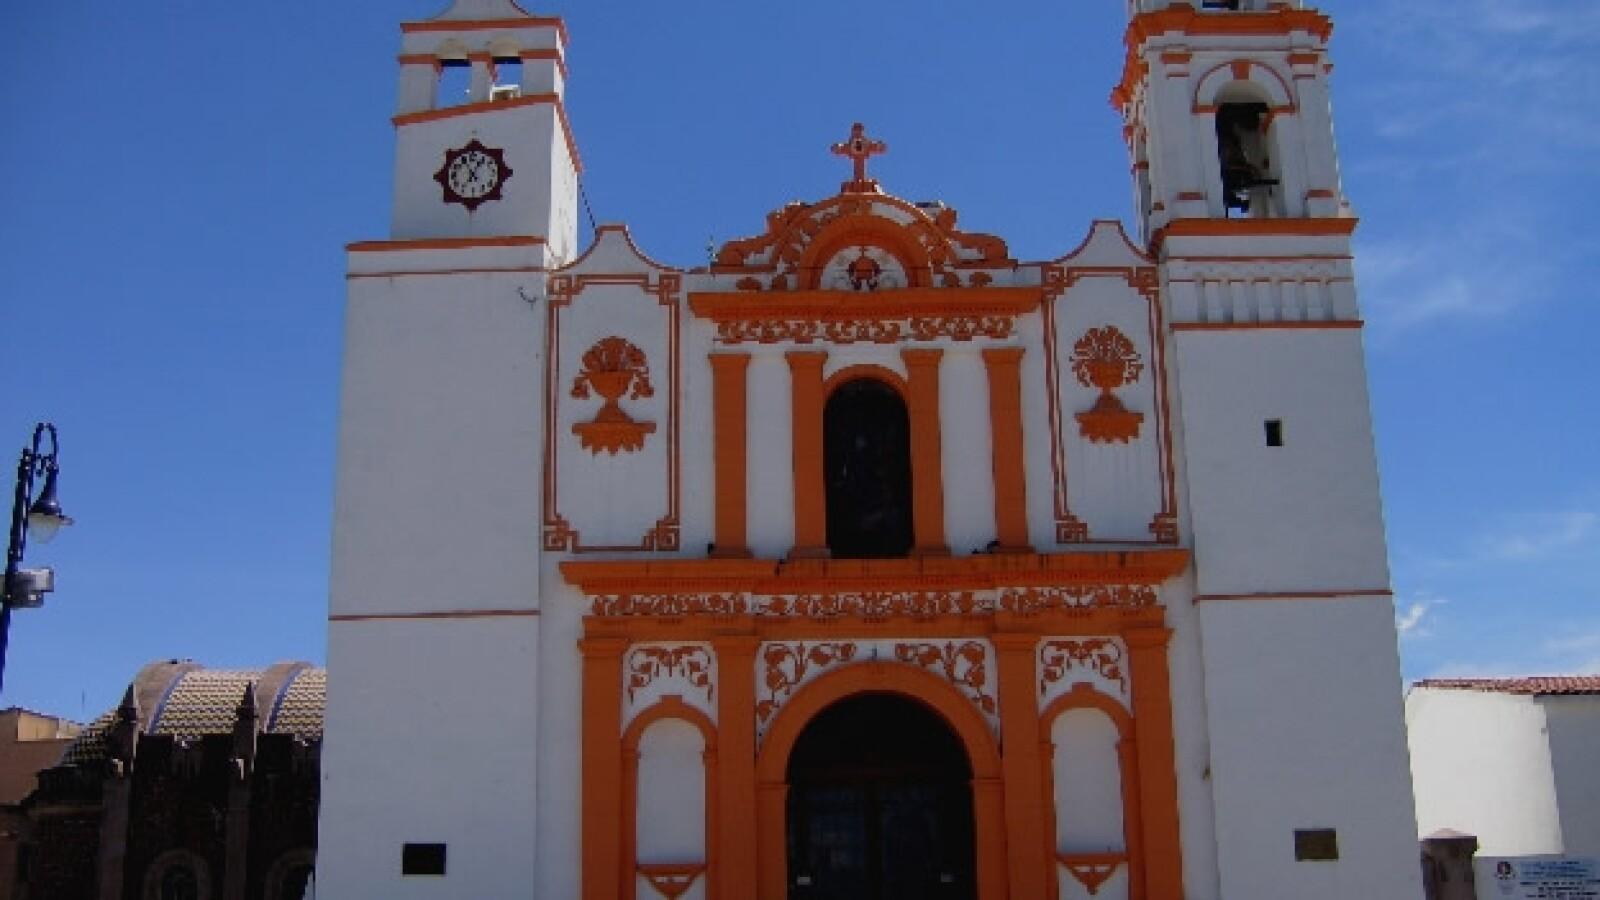 Atlacomulco, Estado de México